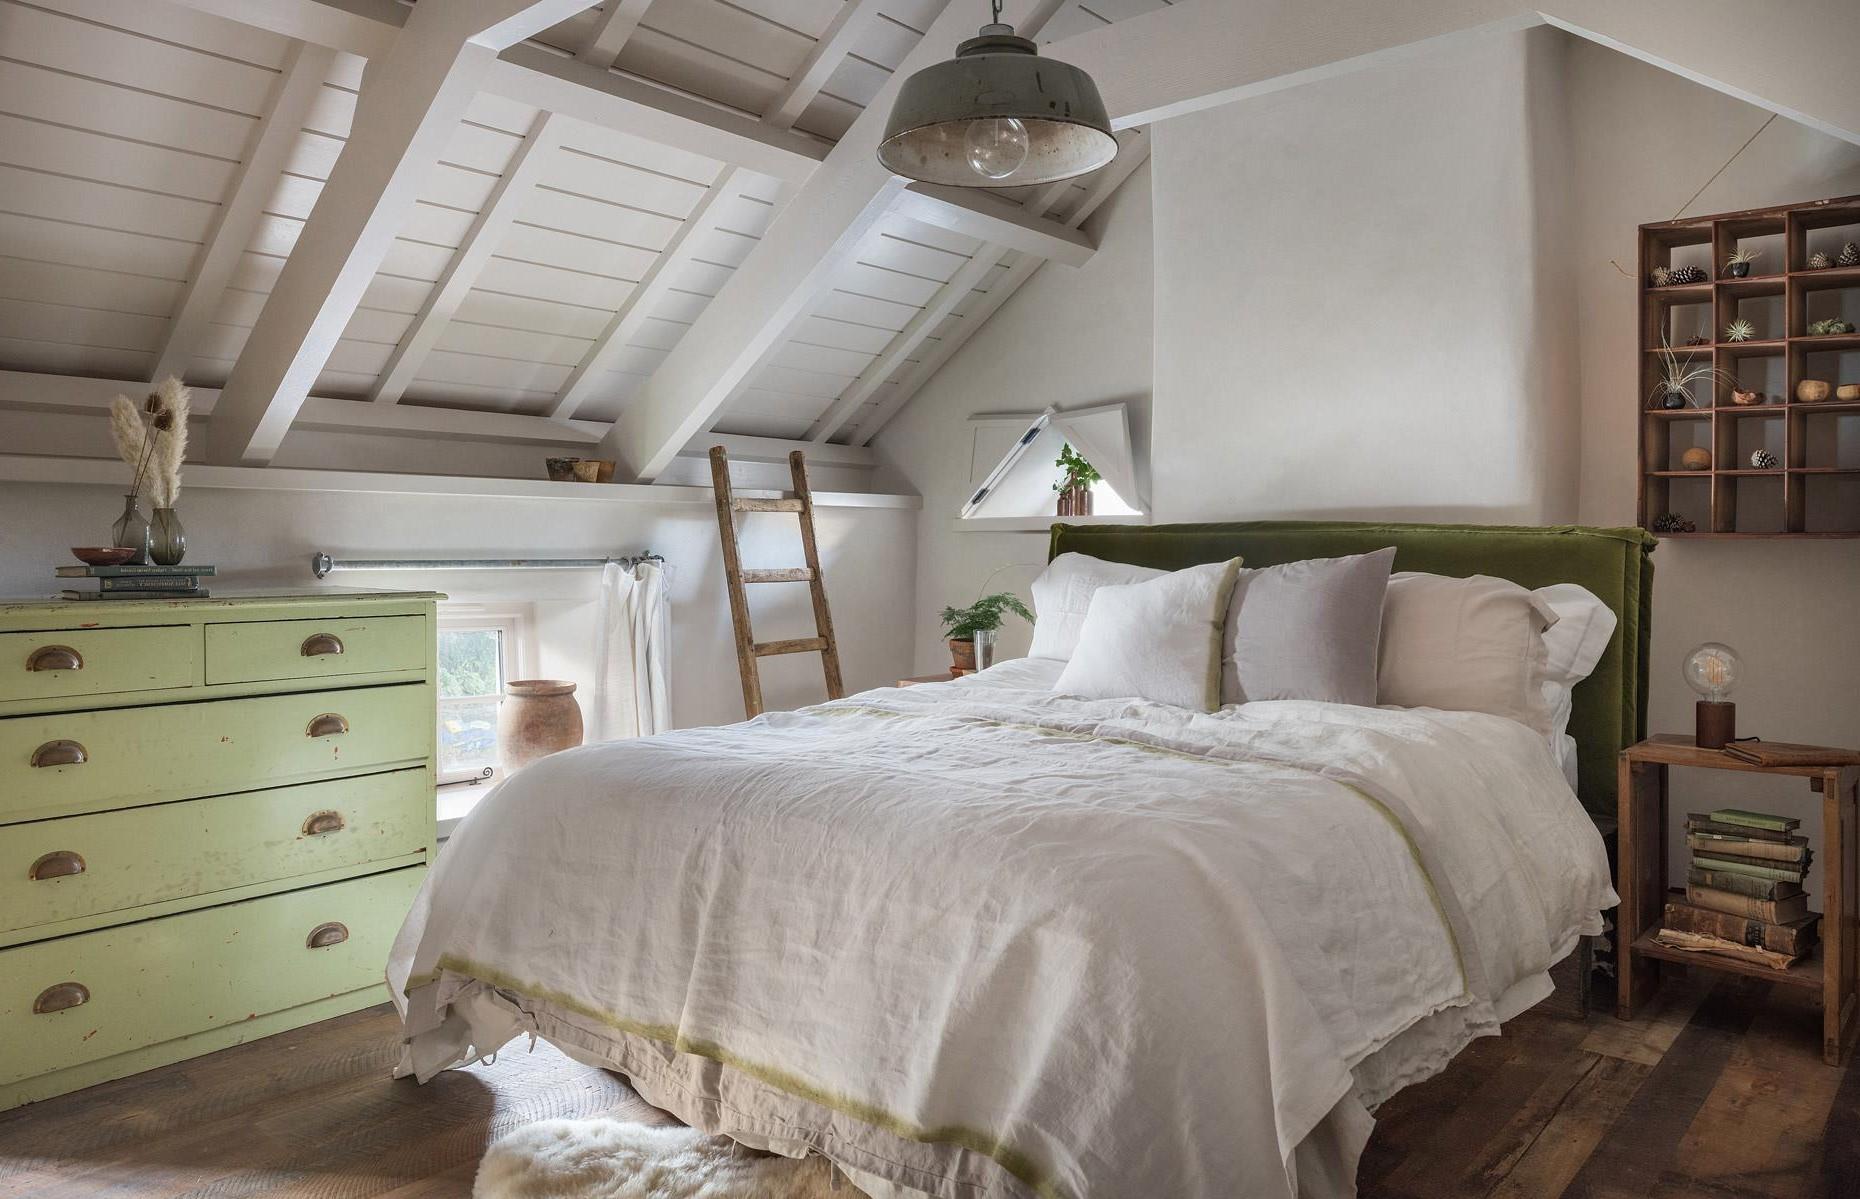 Aménagement sous combles: Lorsque vous introduisez de la lumière dans un loft, sortez des sentiers battus.